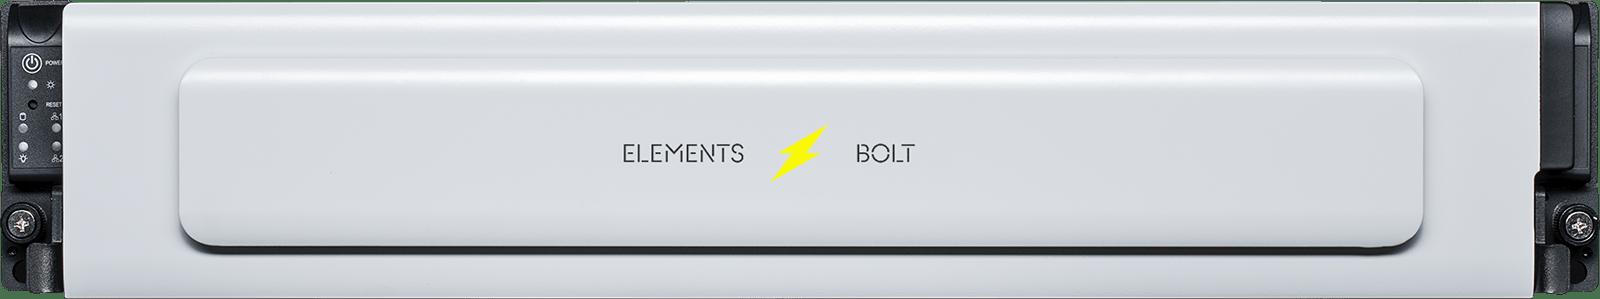 ELEMENTS Bolt Front